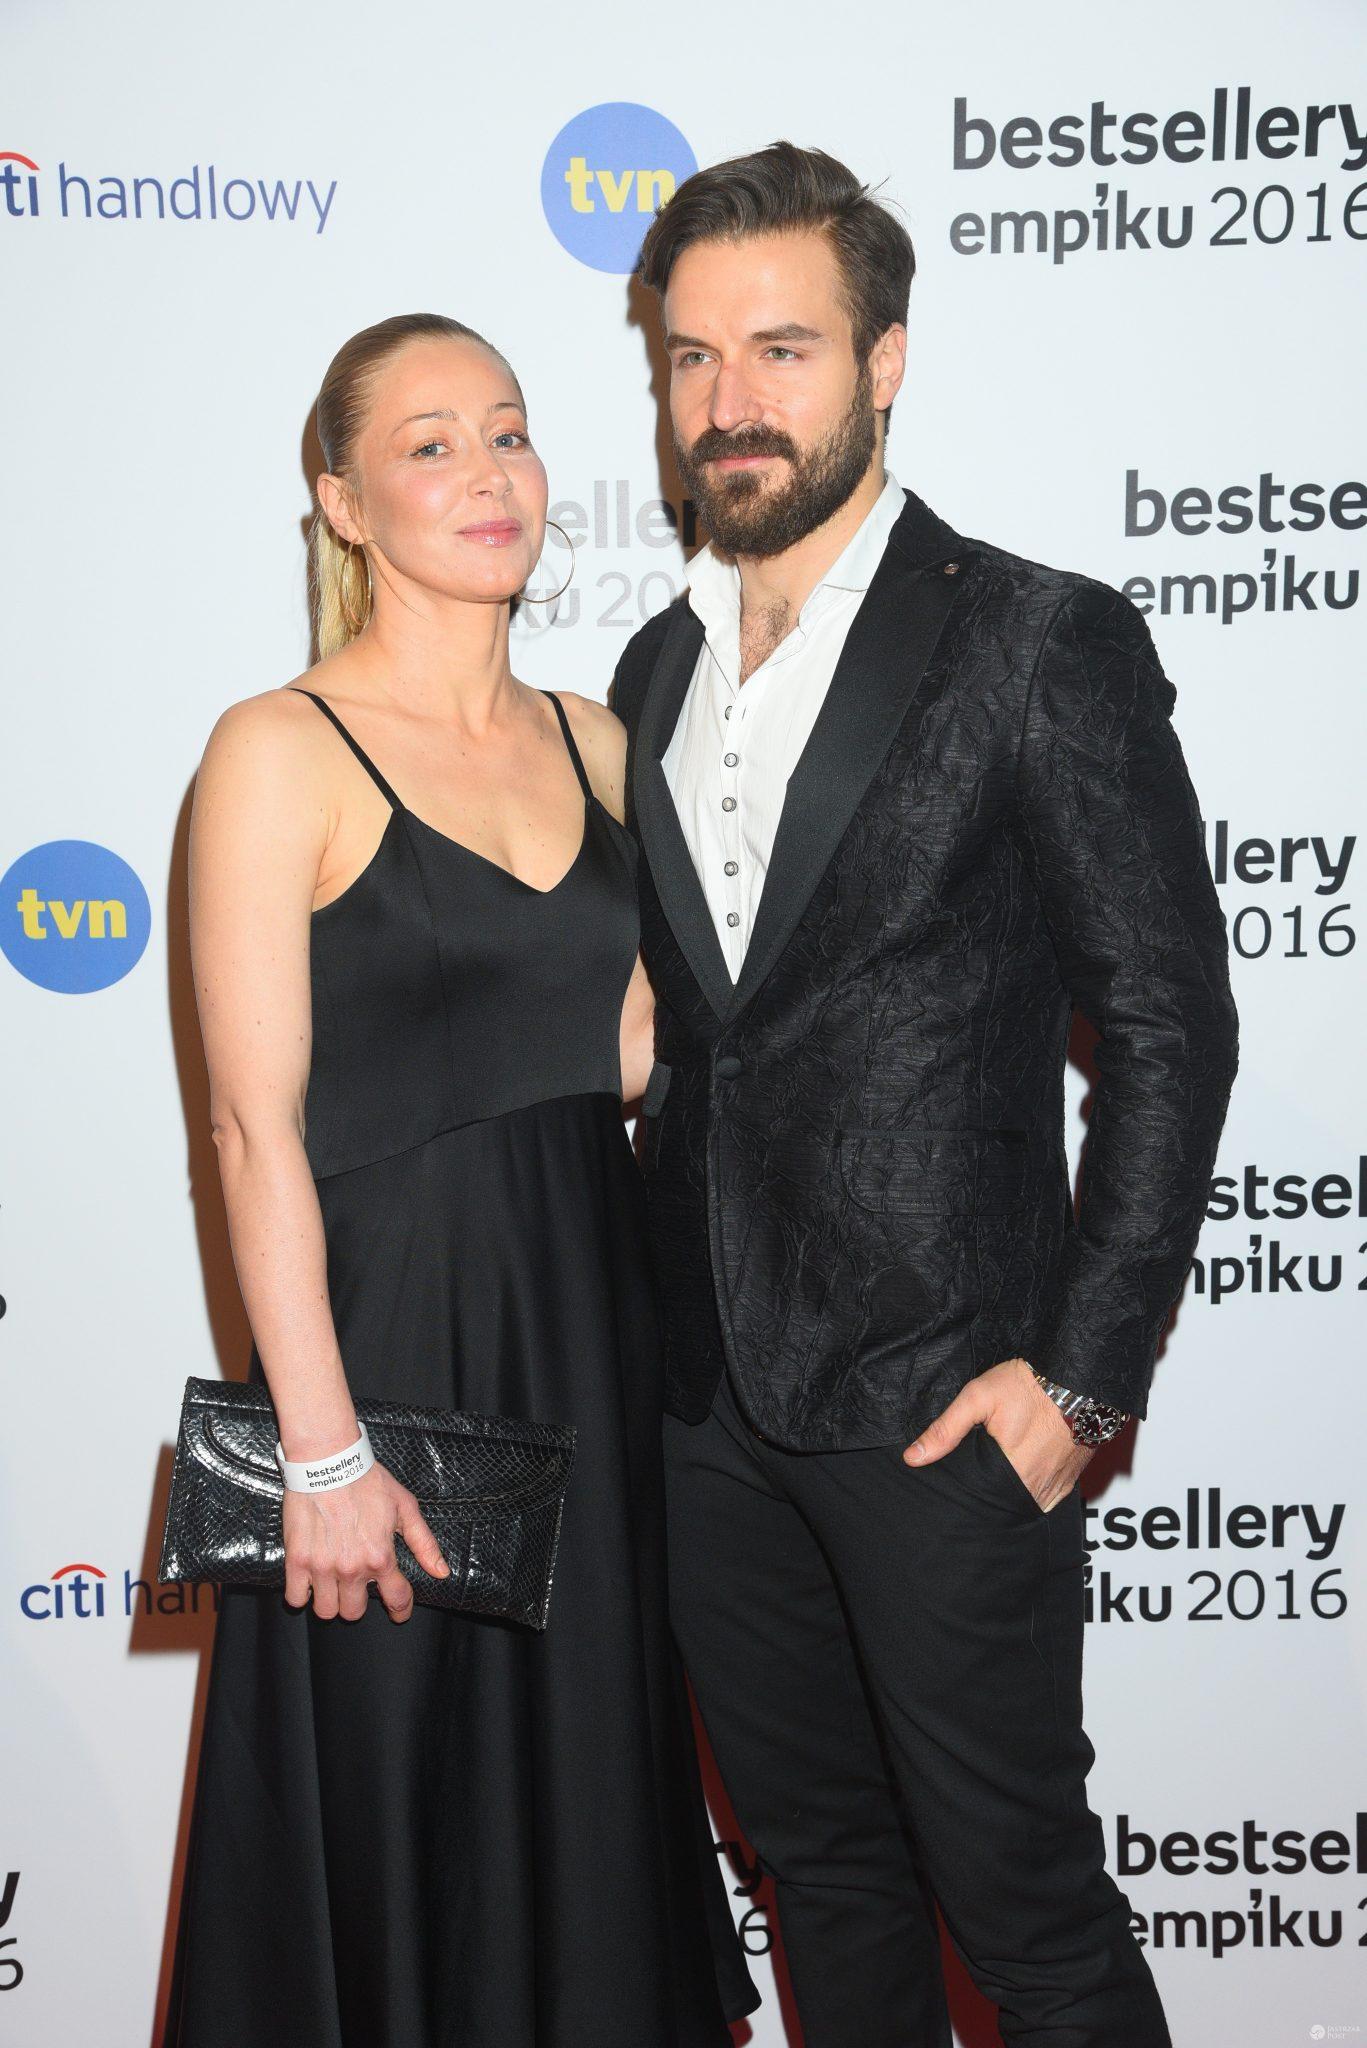 Katarzyna Warnke i Piotr Stramowski - Bestsellery Empiku 2016